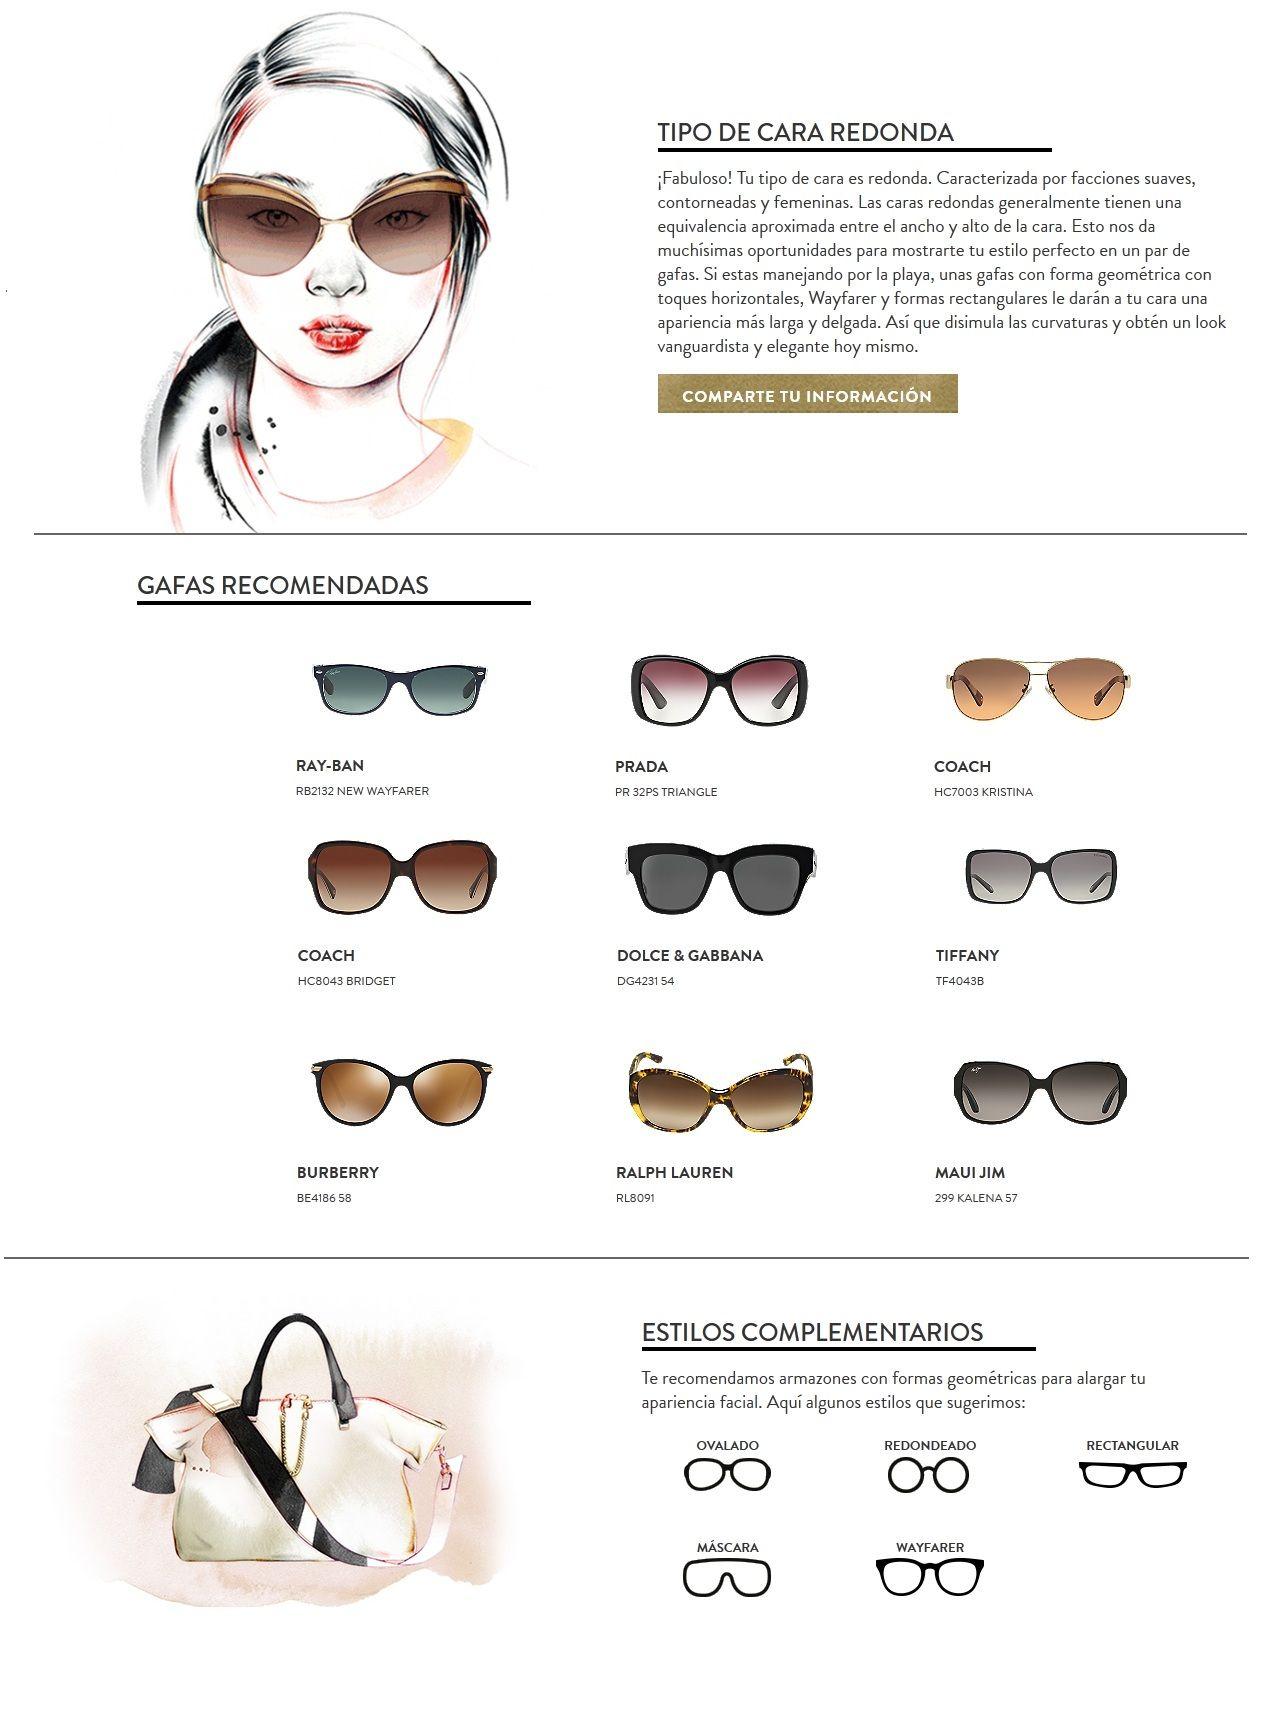 6375ed0199 Lentes segun cara redonda, sunglasses | tips de todo un poquito in ...